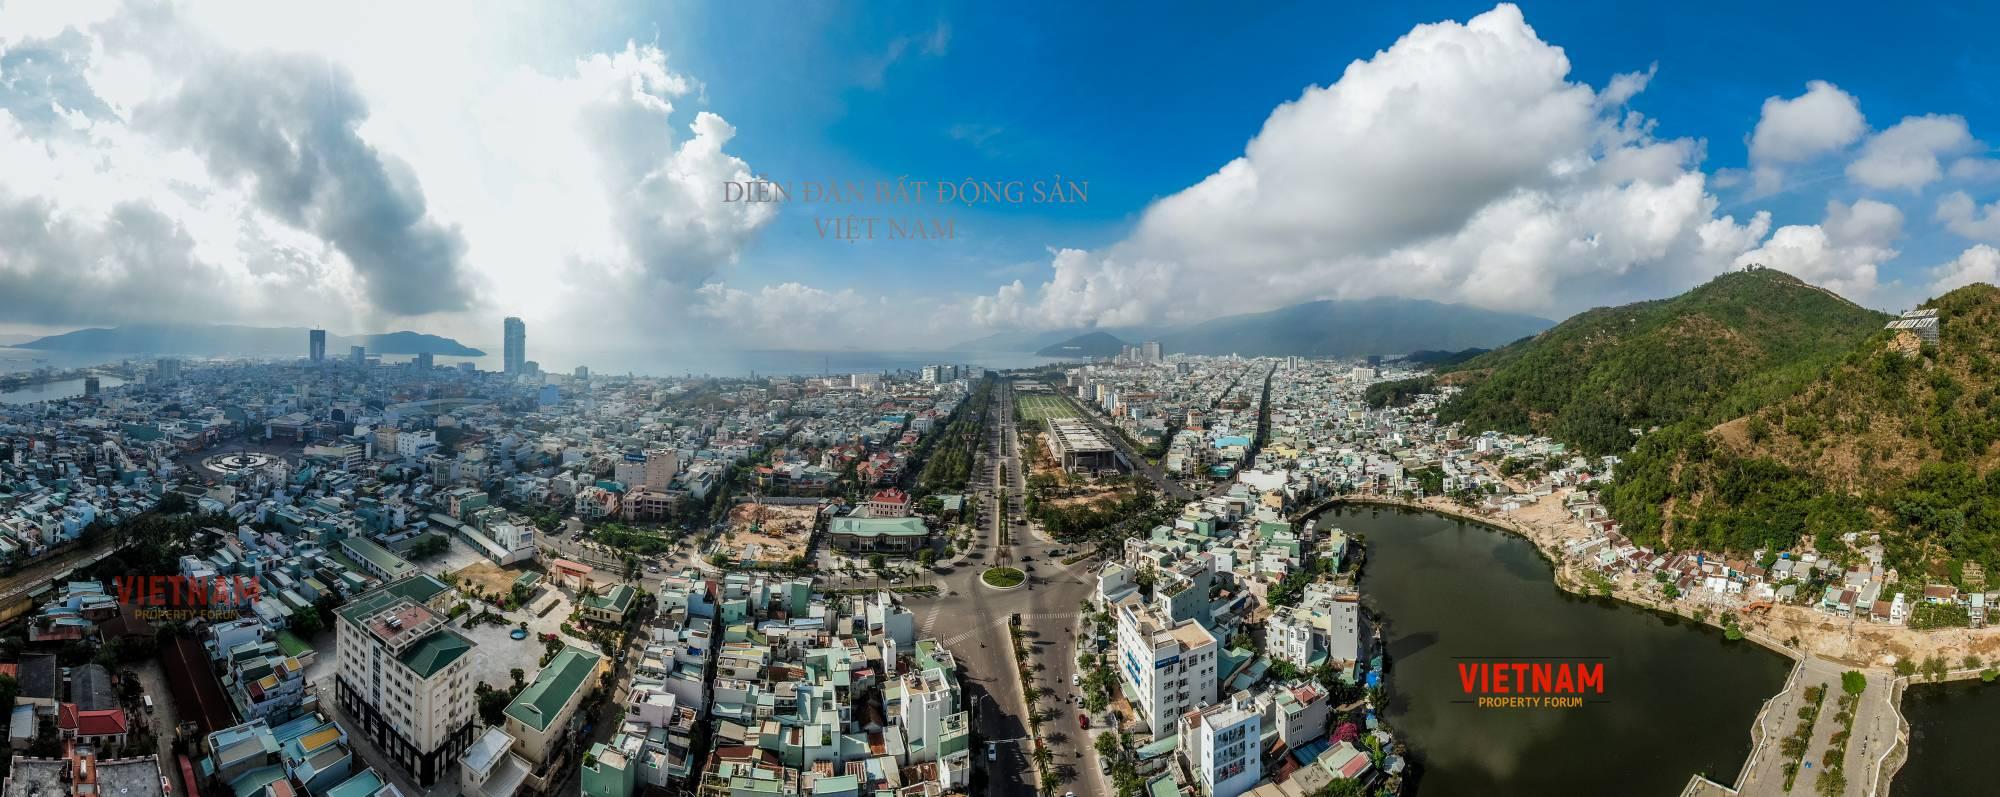 Phối cảnh Grand Cneter Quy Nhơn Hưng Thịnh nhìn từ trên cao